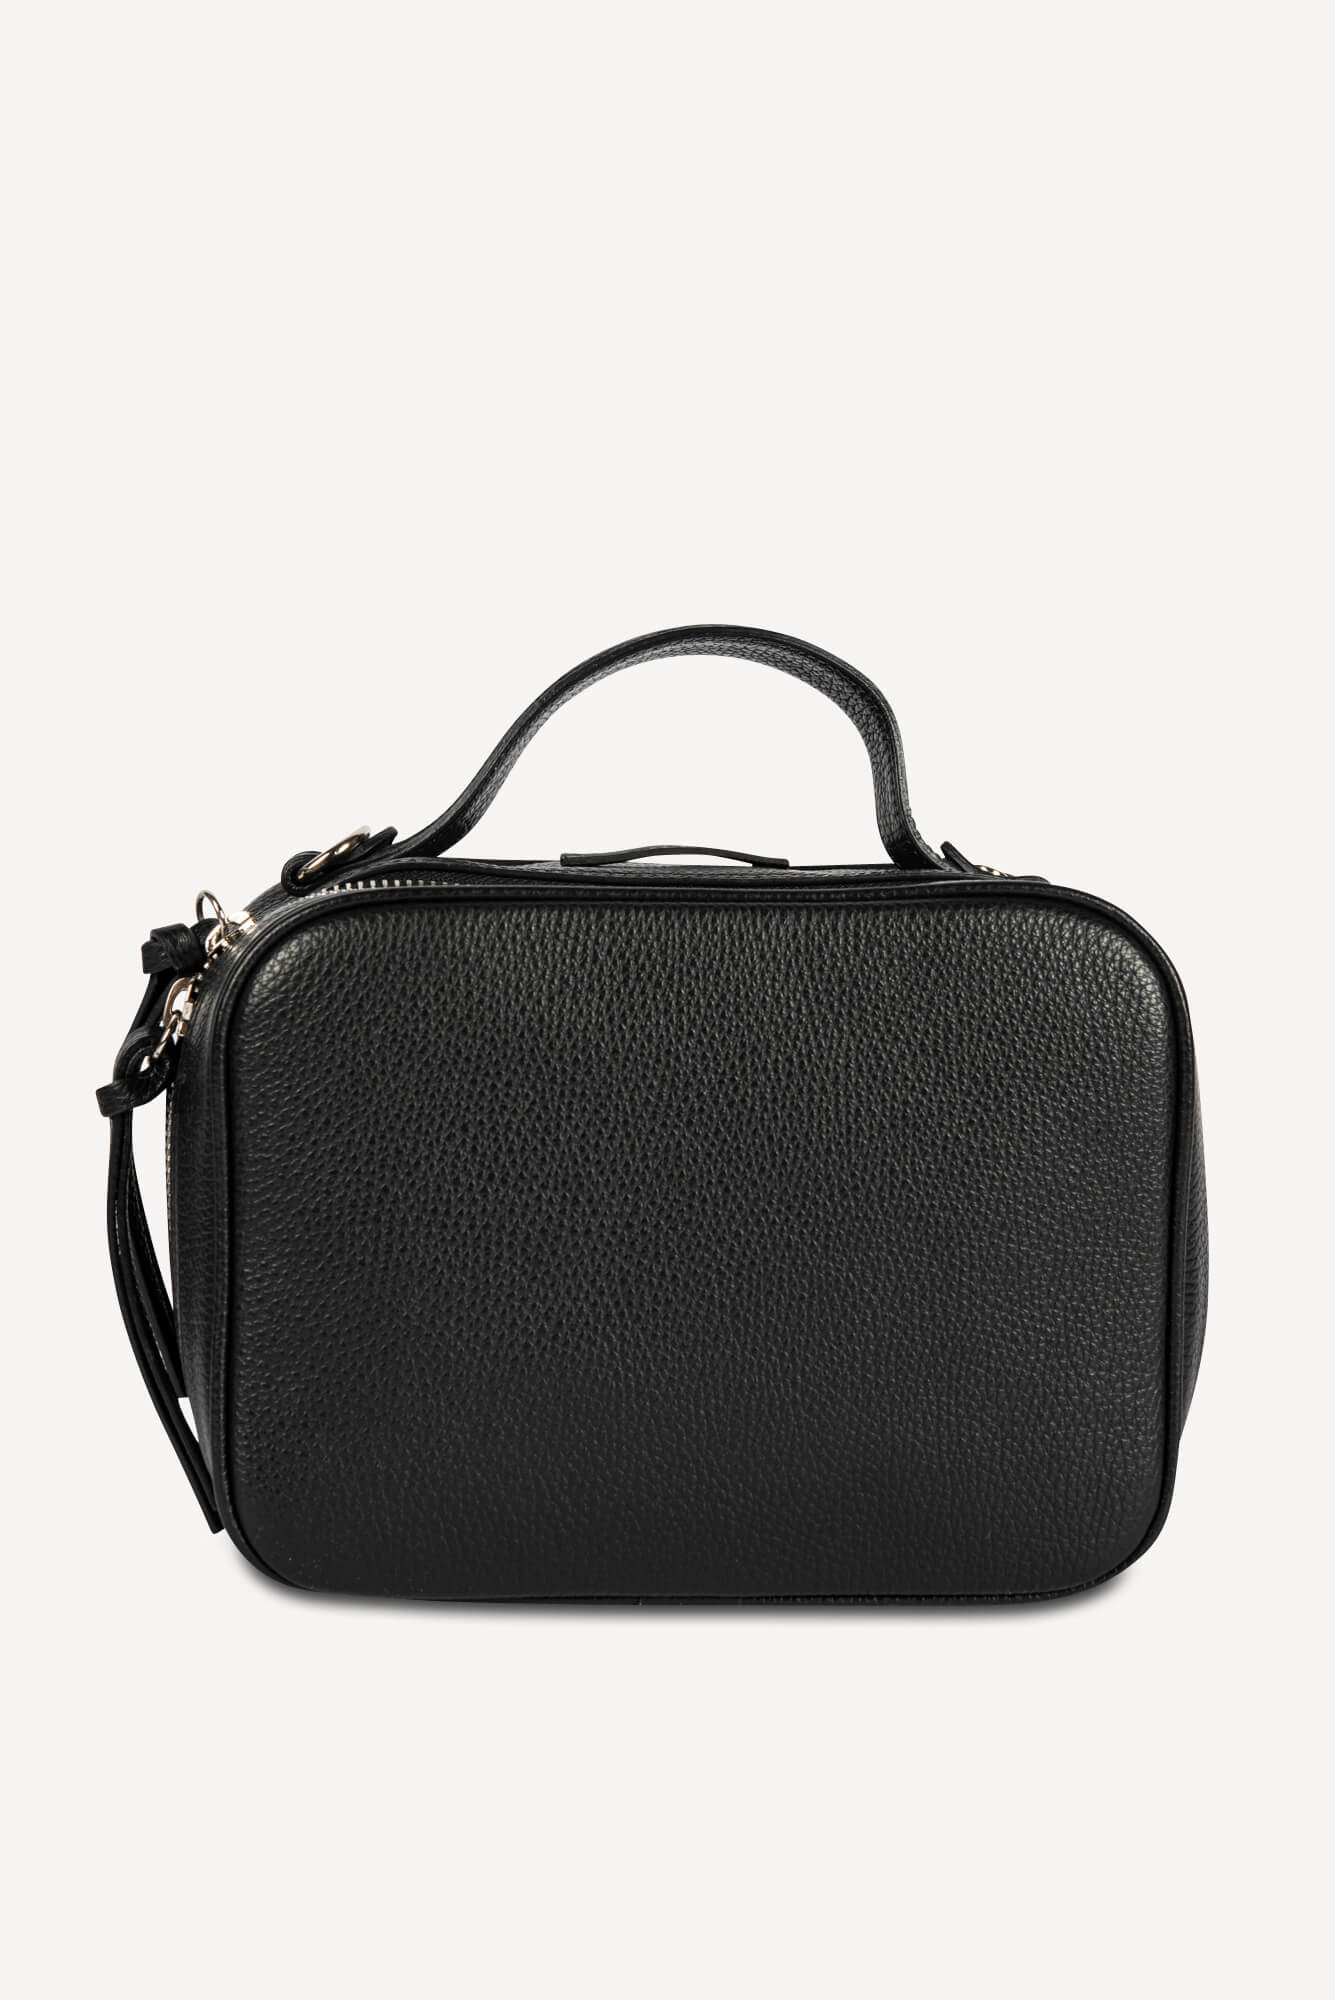 Tasche Valigetta, klein, schwarz